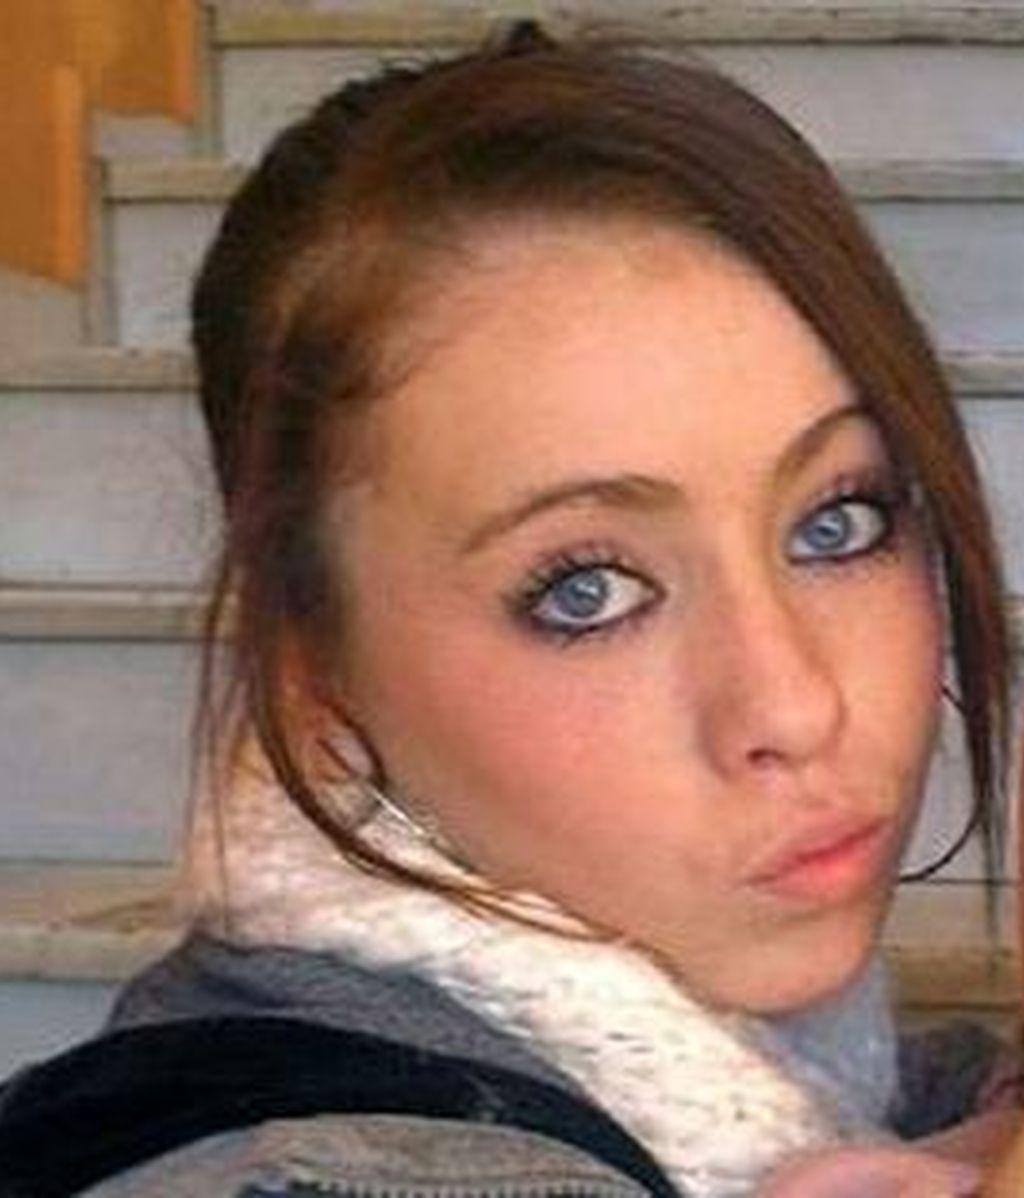 Foto de archivo de Amy Fitzpatrick, la joven irlandesa desaparecida en Mijas. Foto: EFE